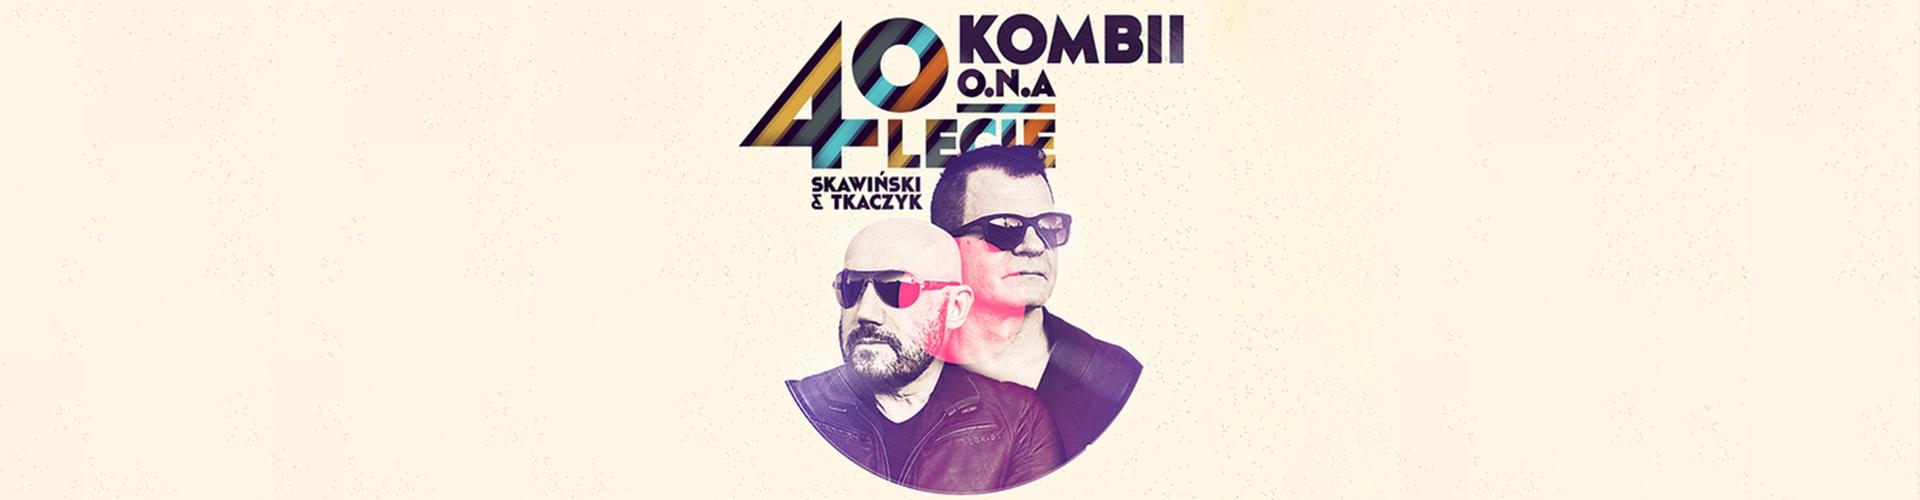 slide_kombi2016